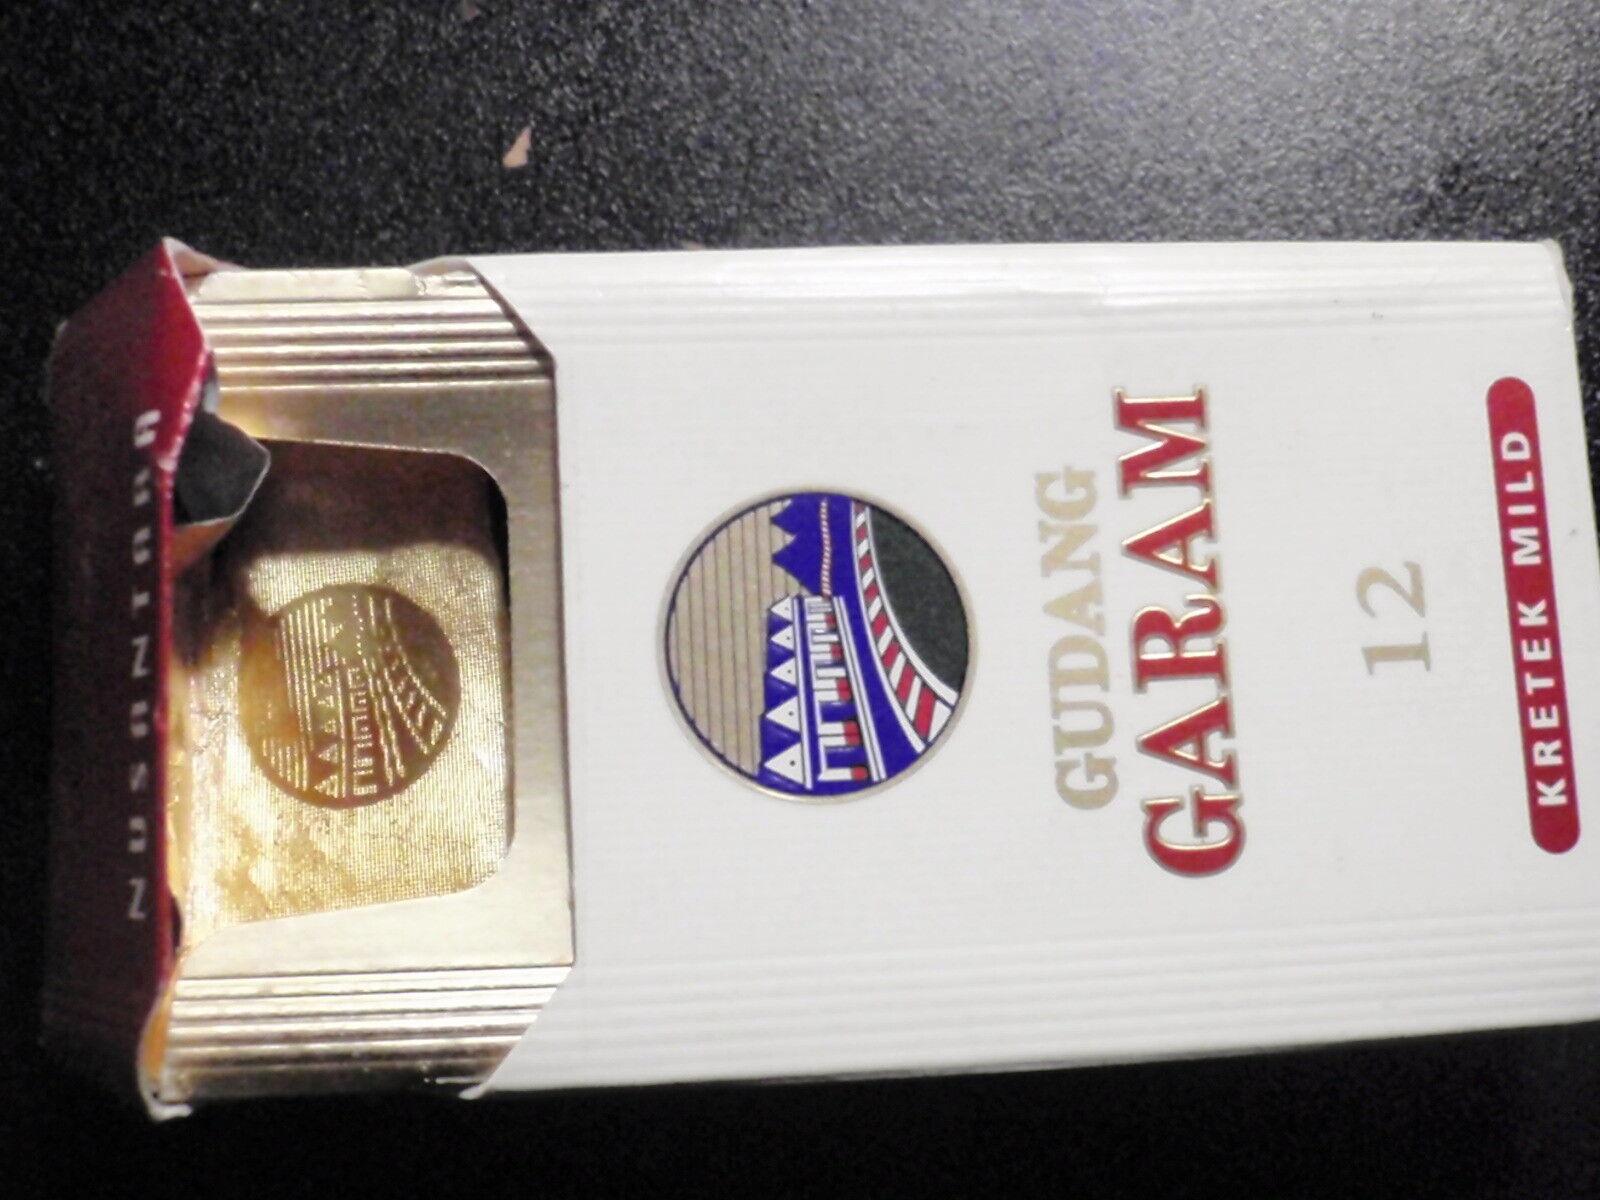 Garam сигареты купить в москве электронная сигарета одноразовая виды